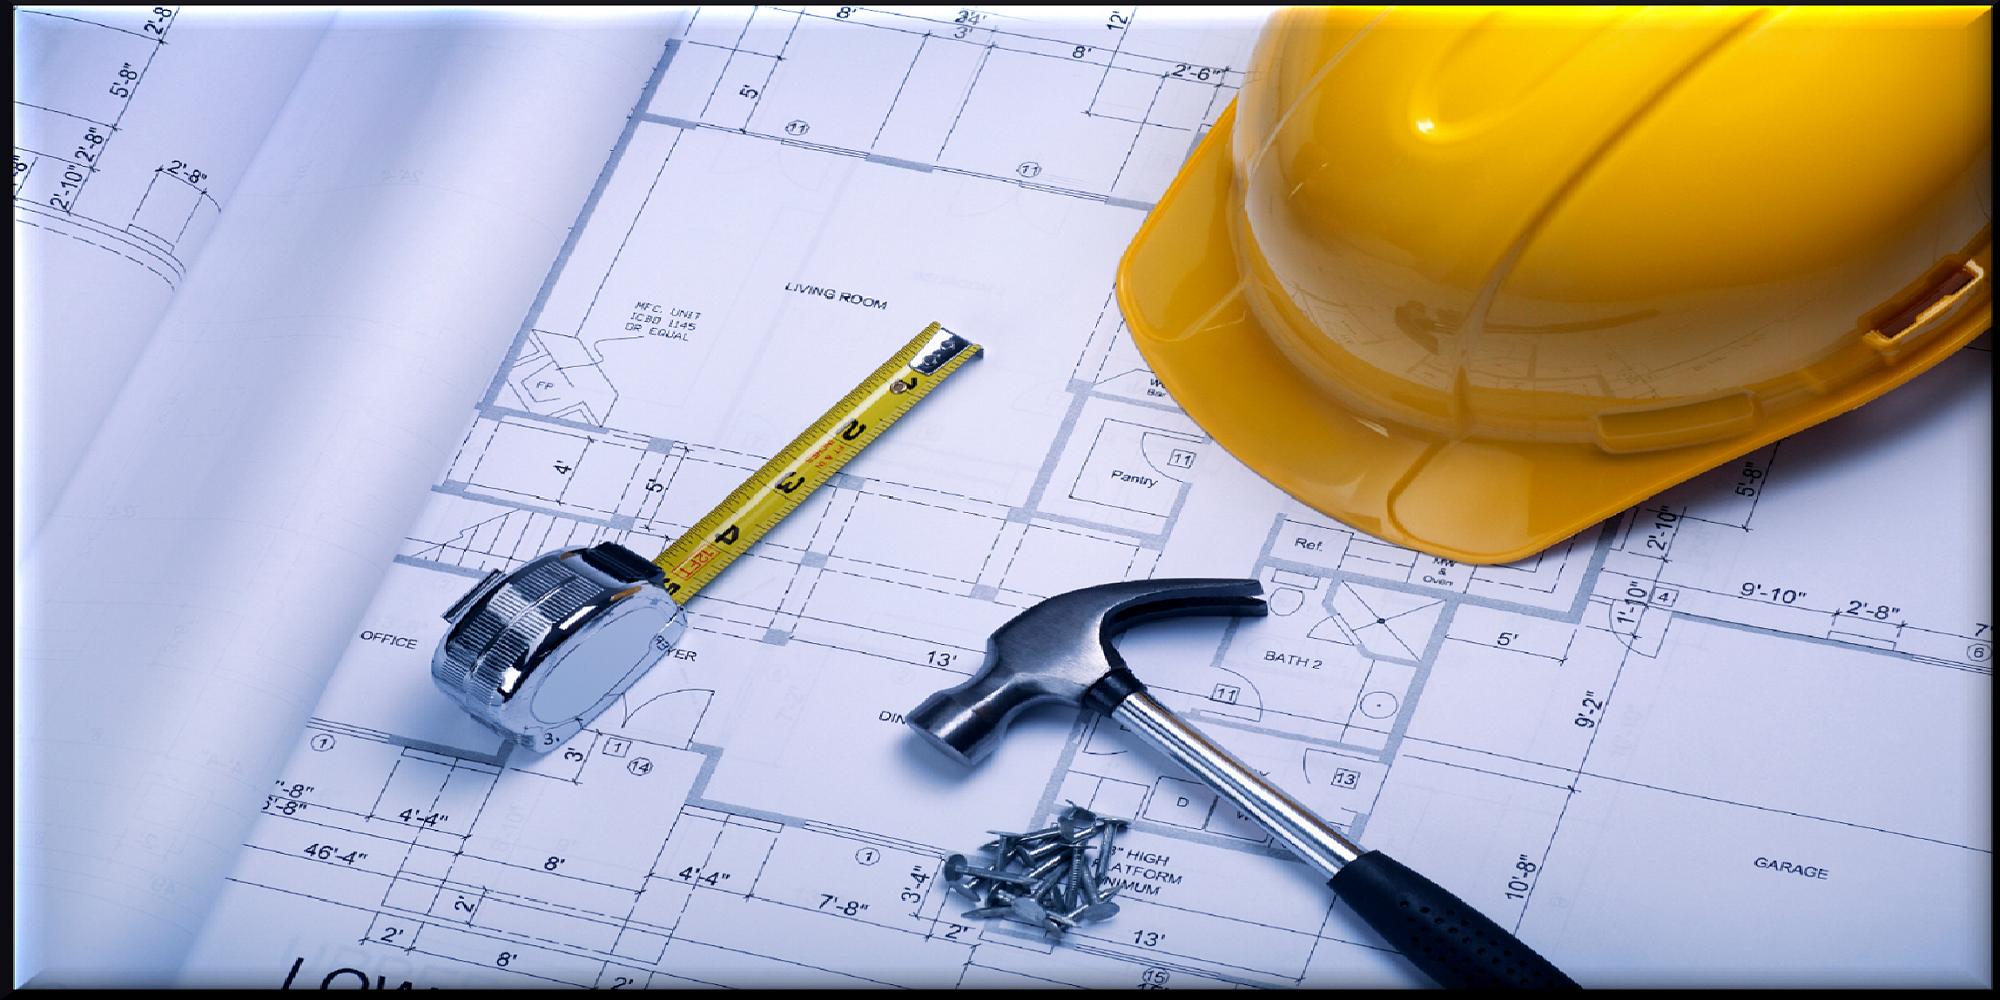 <head> <h2>Dobrodošli na naši spletni strani</h2><p>Smo gradbeno podjetje s 25-letnimi izkušnjami na področju gradnje in obnove.  Naše podjetje Vam nudi celostno rešitev pri novogradnjah, adaptacijah hiš, stanovanj in poslovnih prostorov ter zunanjo ureditev le-teh.</p><a title='Read more' href='#'>Preberi več</a></head>